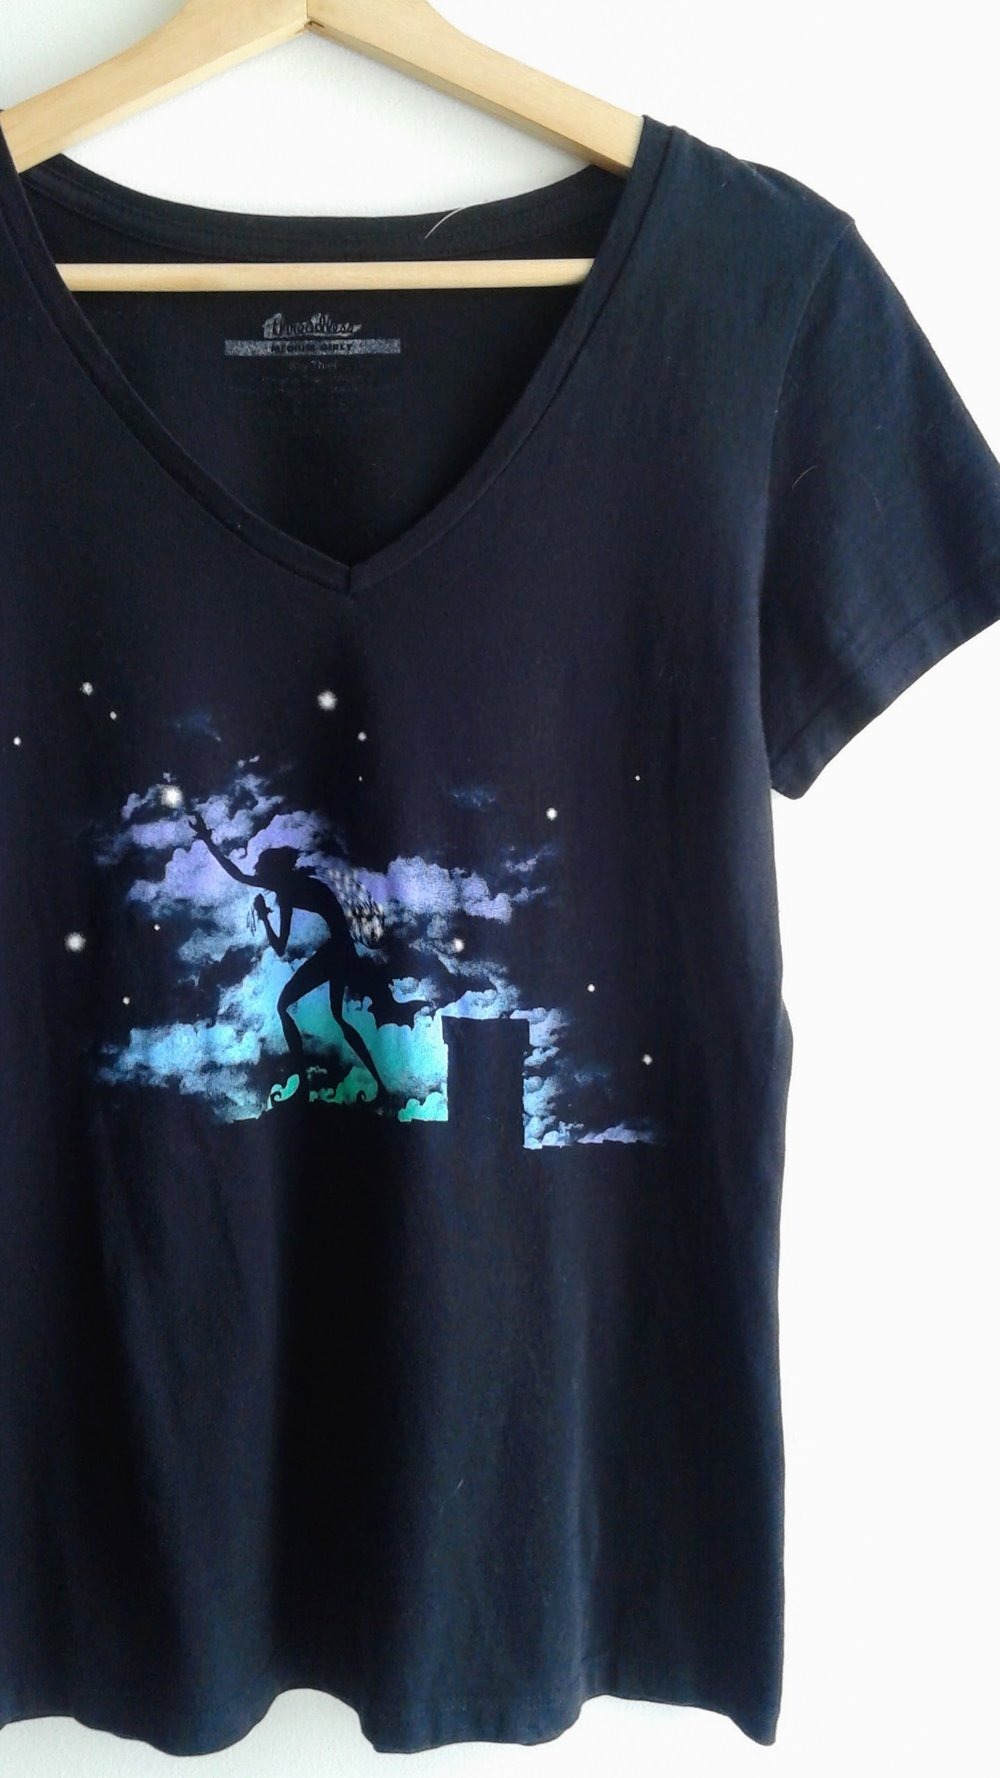 Threadless shirt; Size M, $18